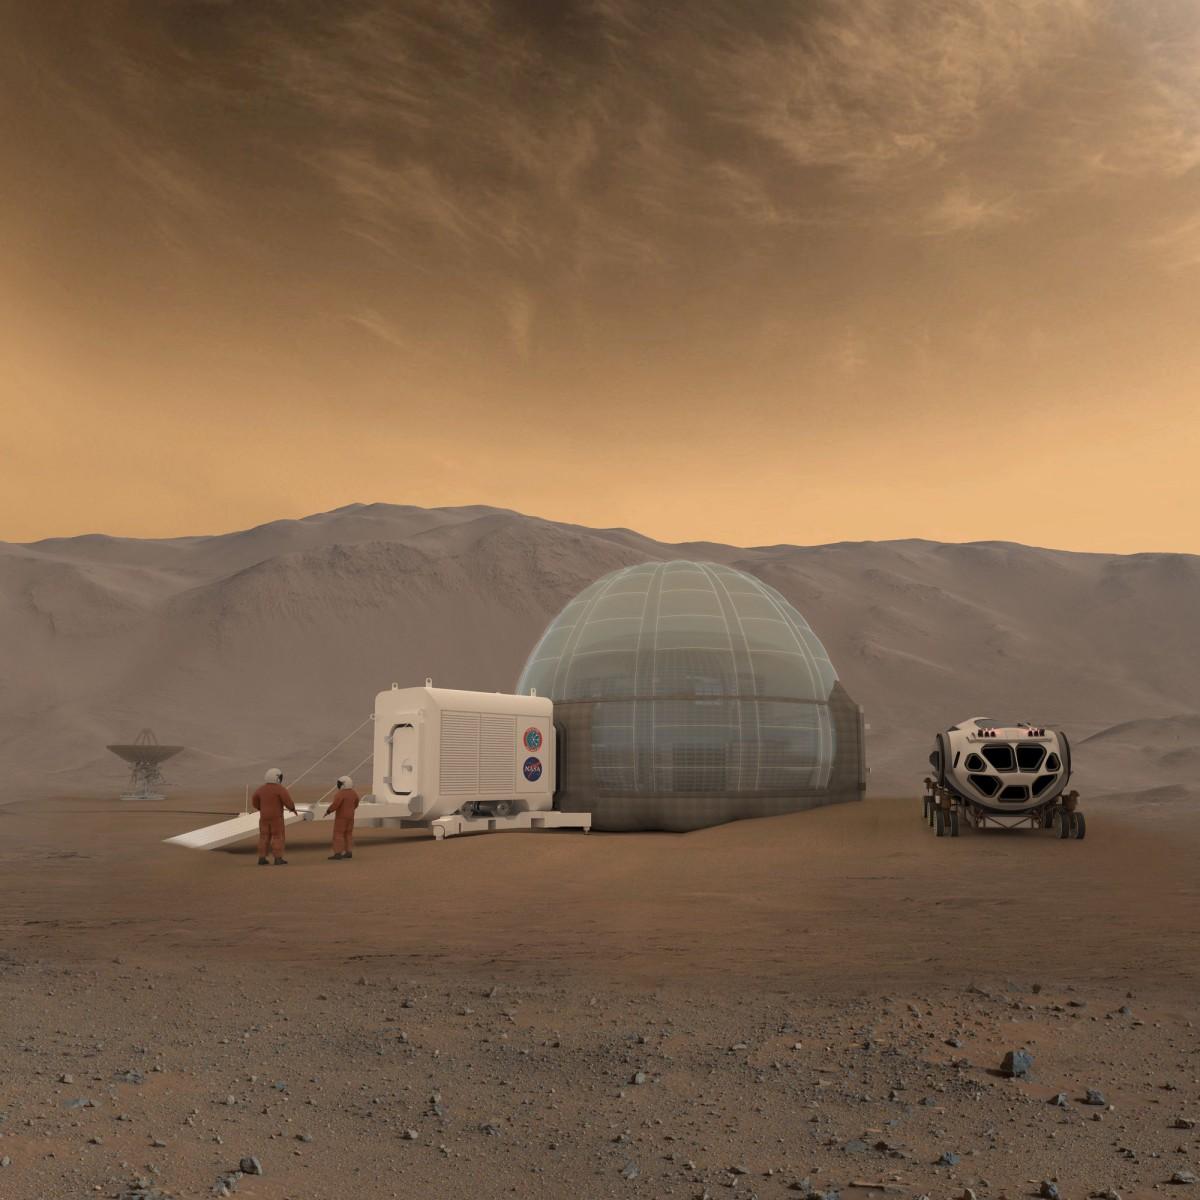 Покорители Марса смогут обжиться на планете в ледяных иглу